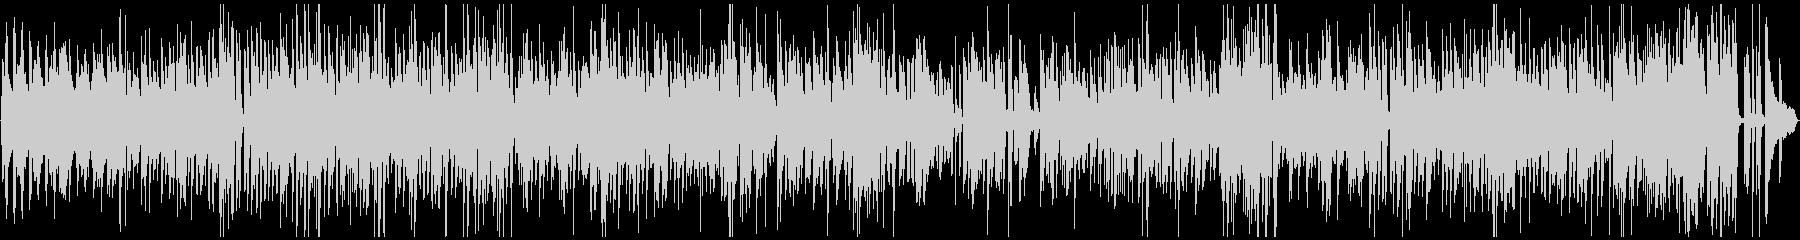 楽しい・汎用性のあるジャズピアノBGMの未再生の波形